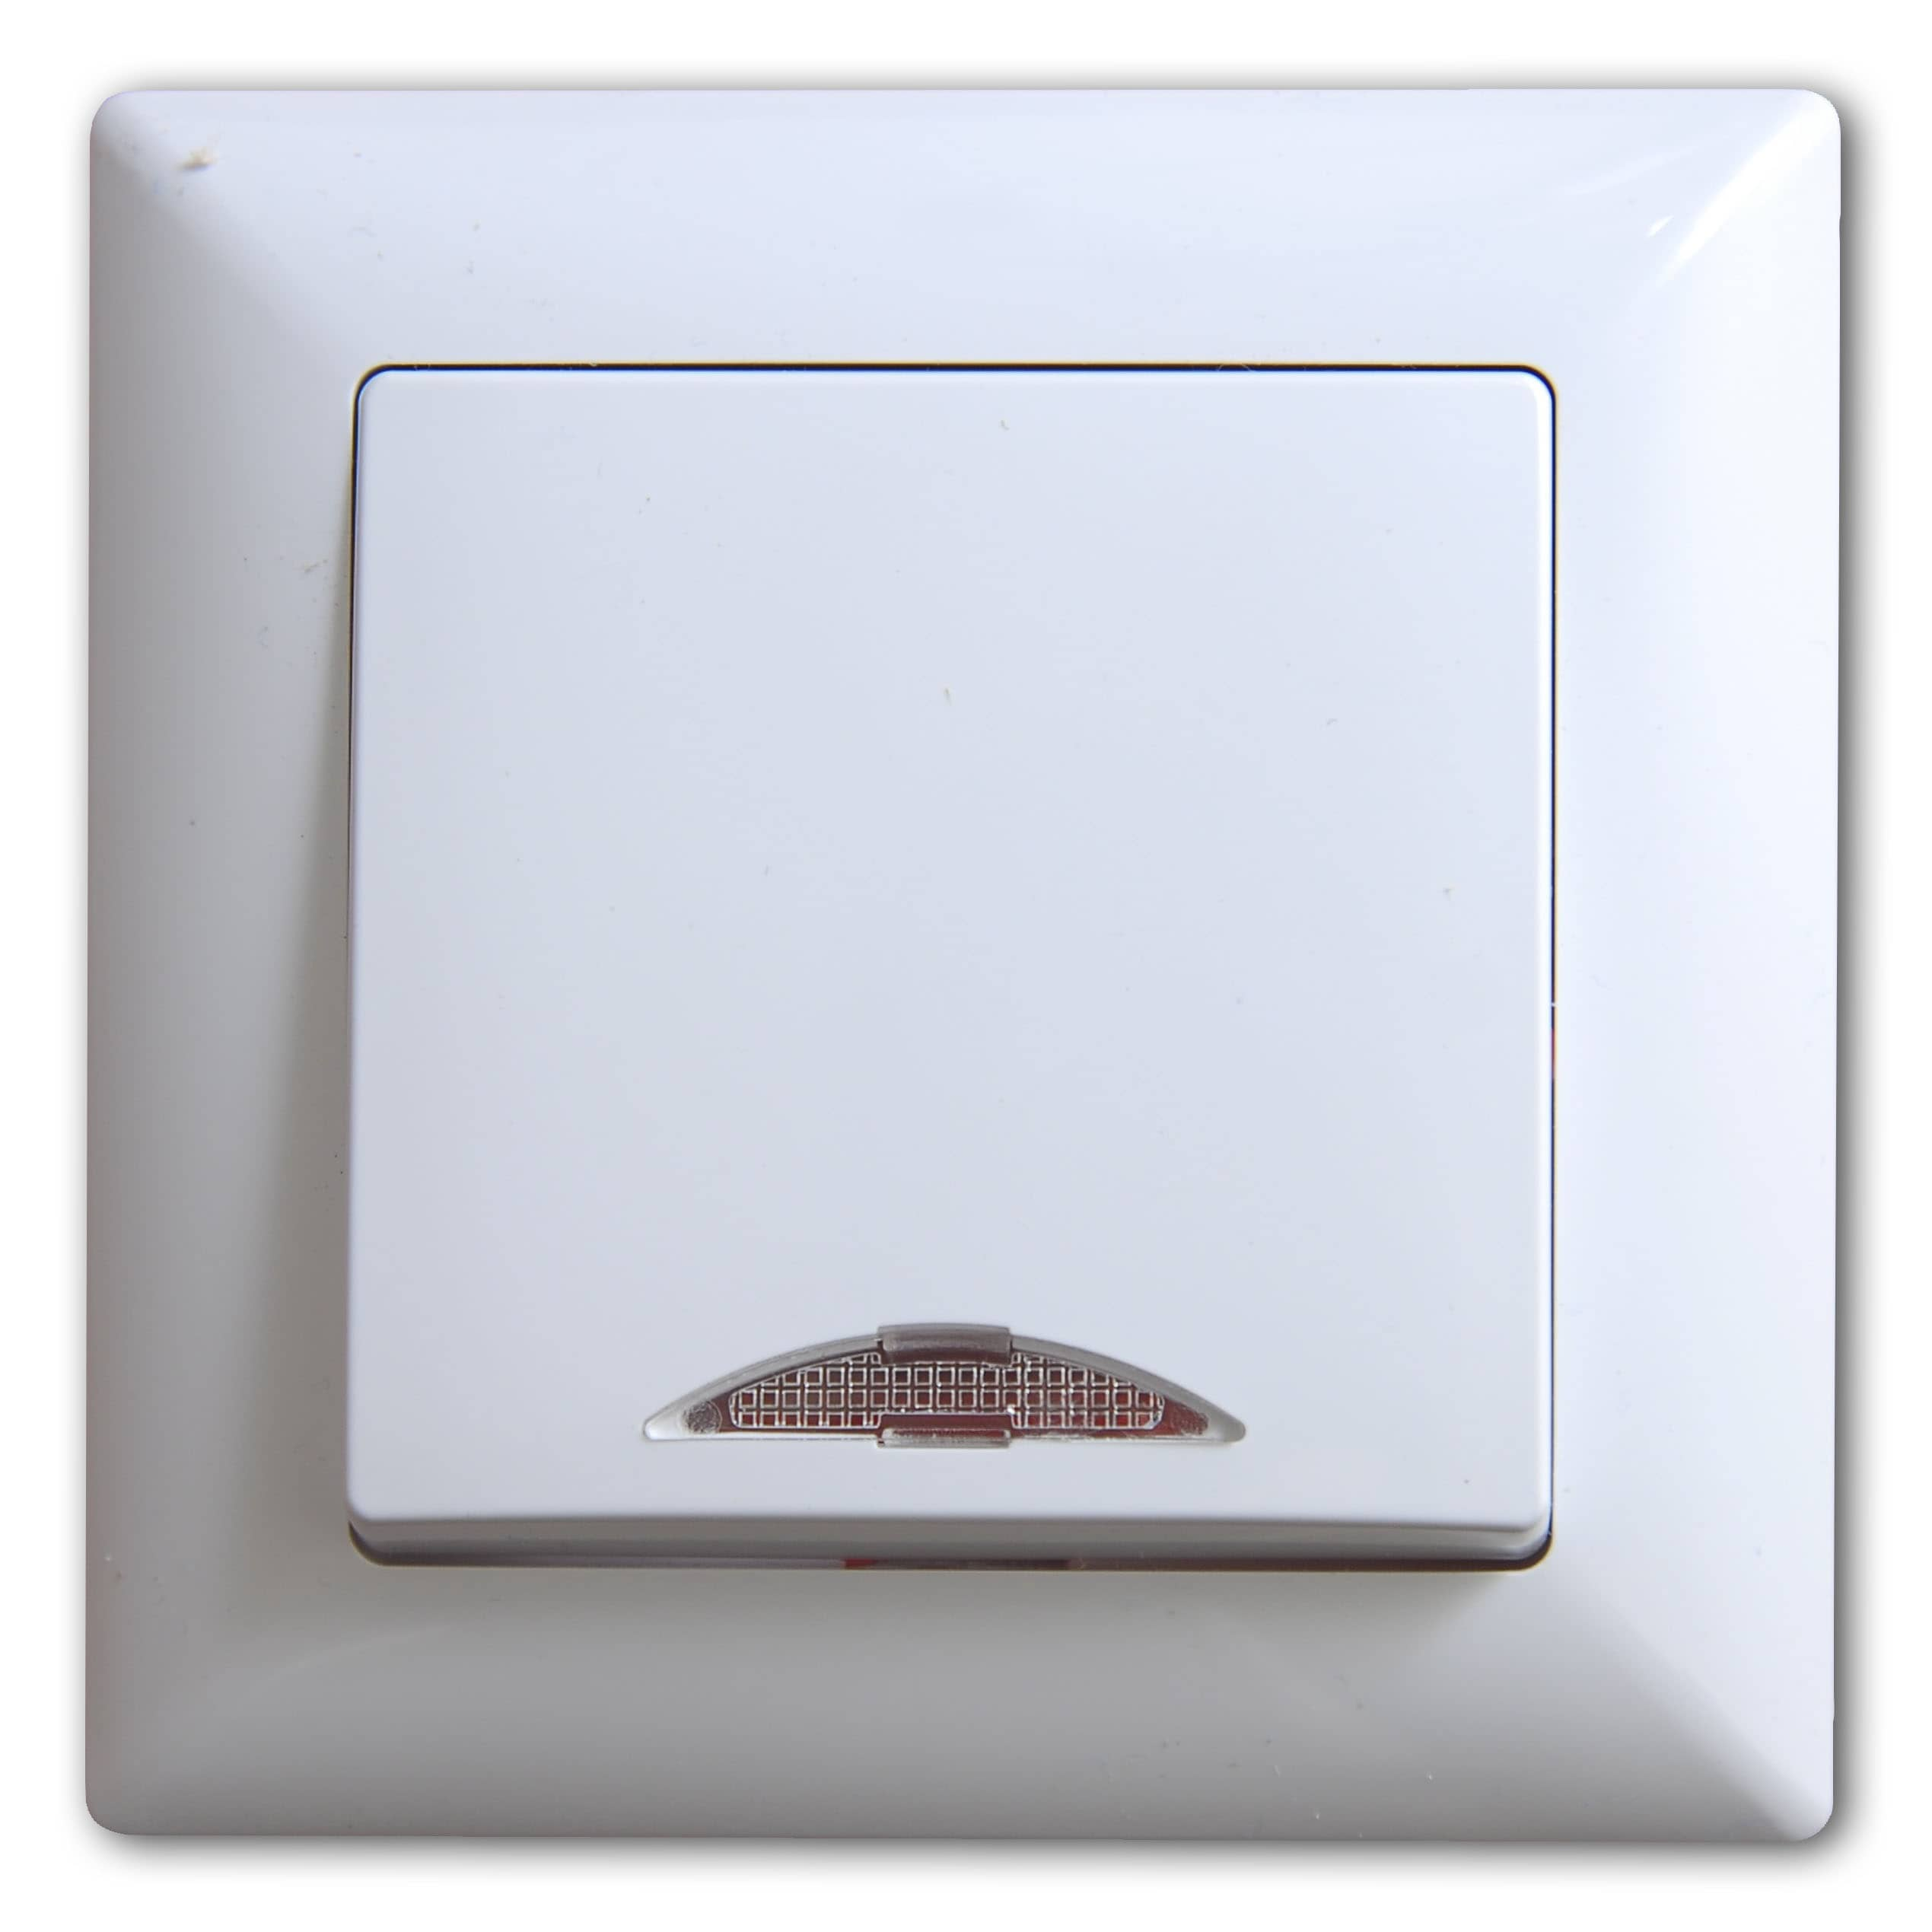 Gunsan Visage Schalter Ein-/Ausschalter mit Beleuchtung Weiss